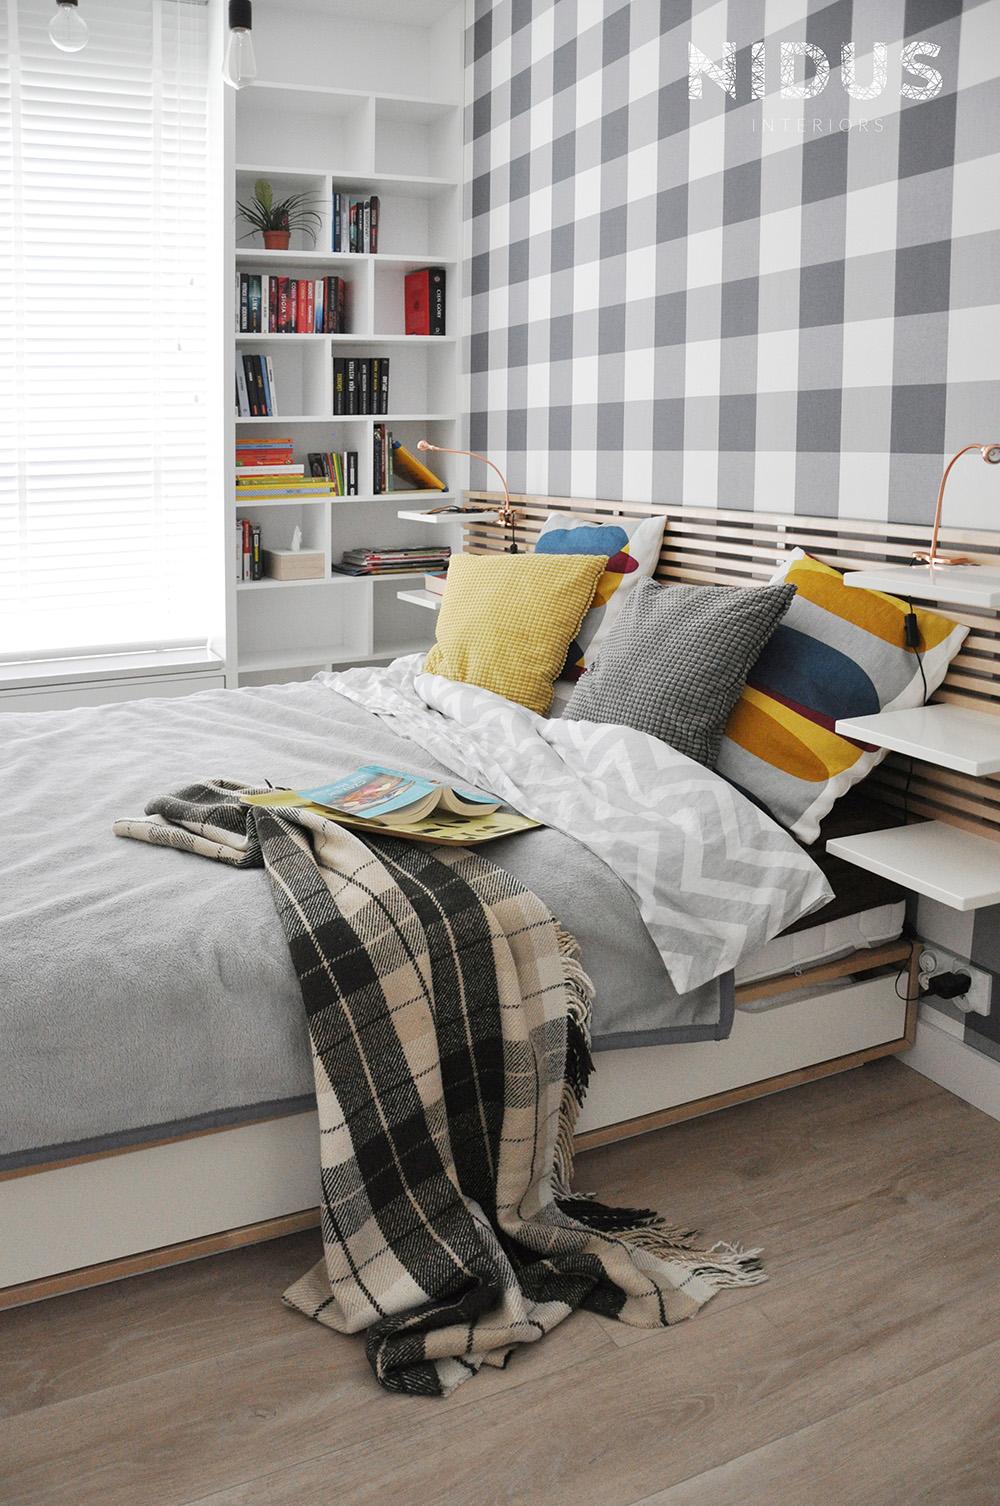 Przytulna sypialnia, której nie straszny bałagan